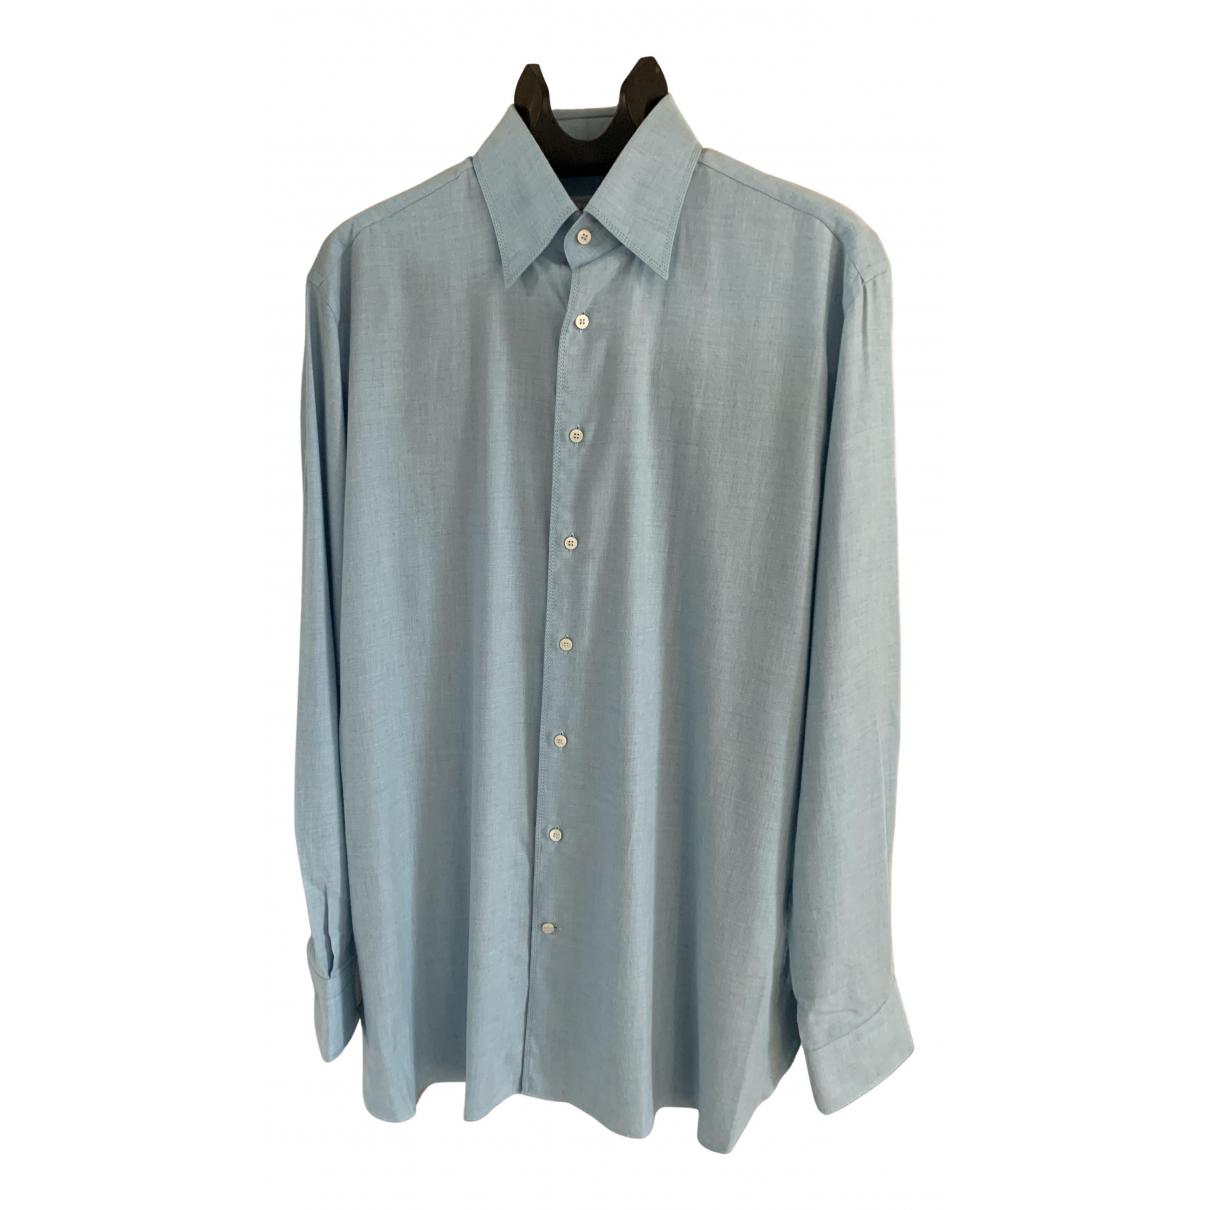 Zilli N Blue Cotton Shirts for Men 44 EU (tour de cou / collar)